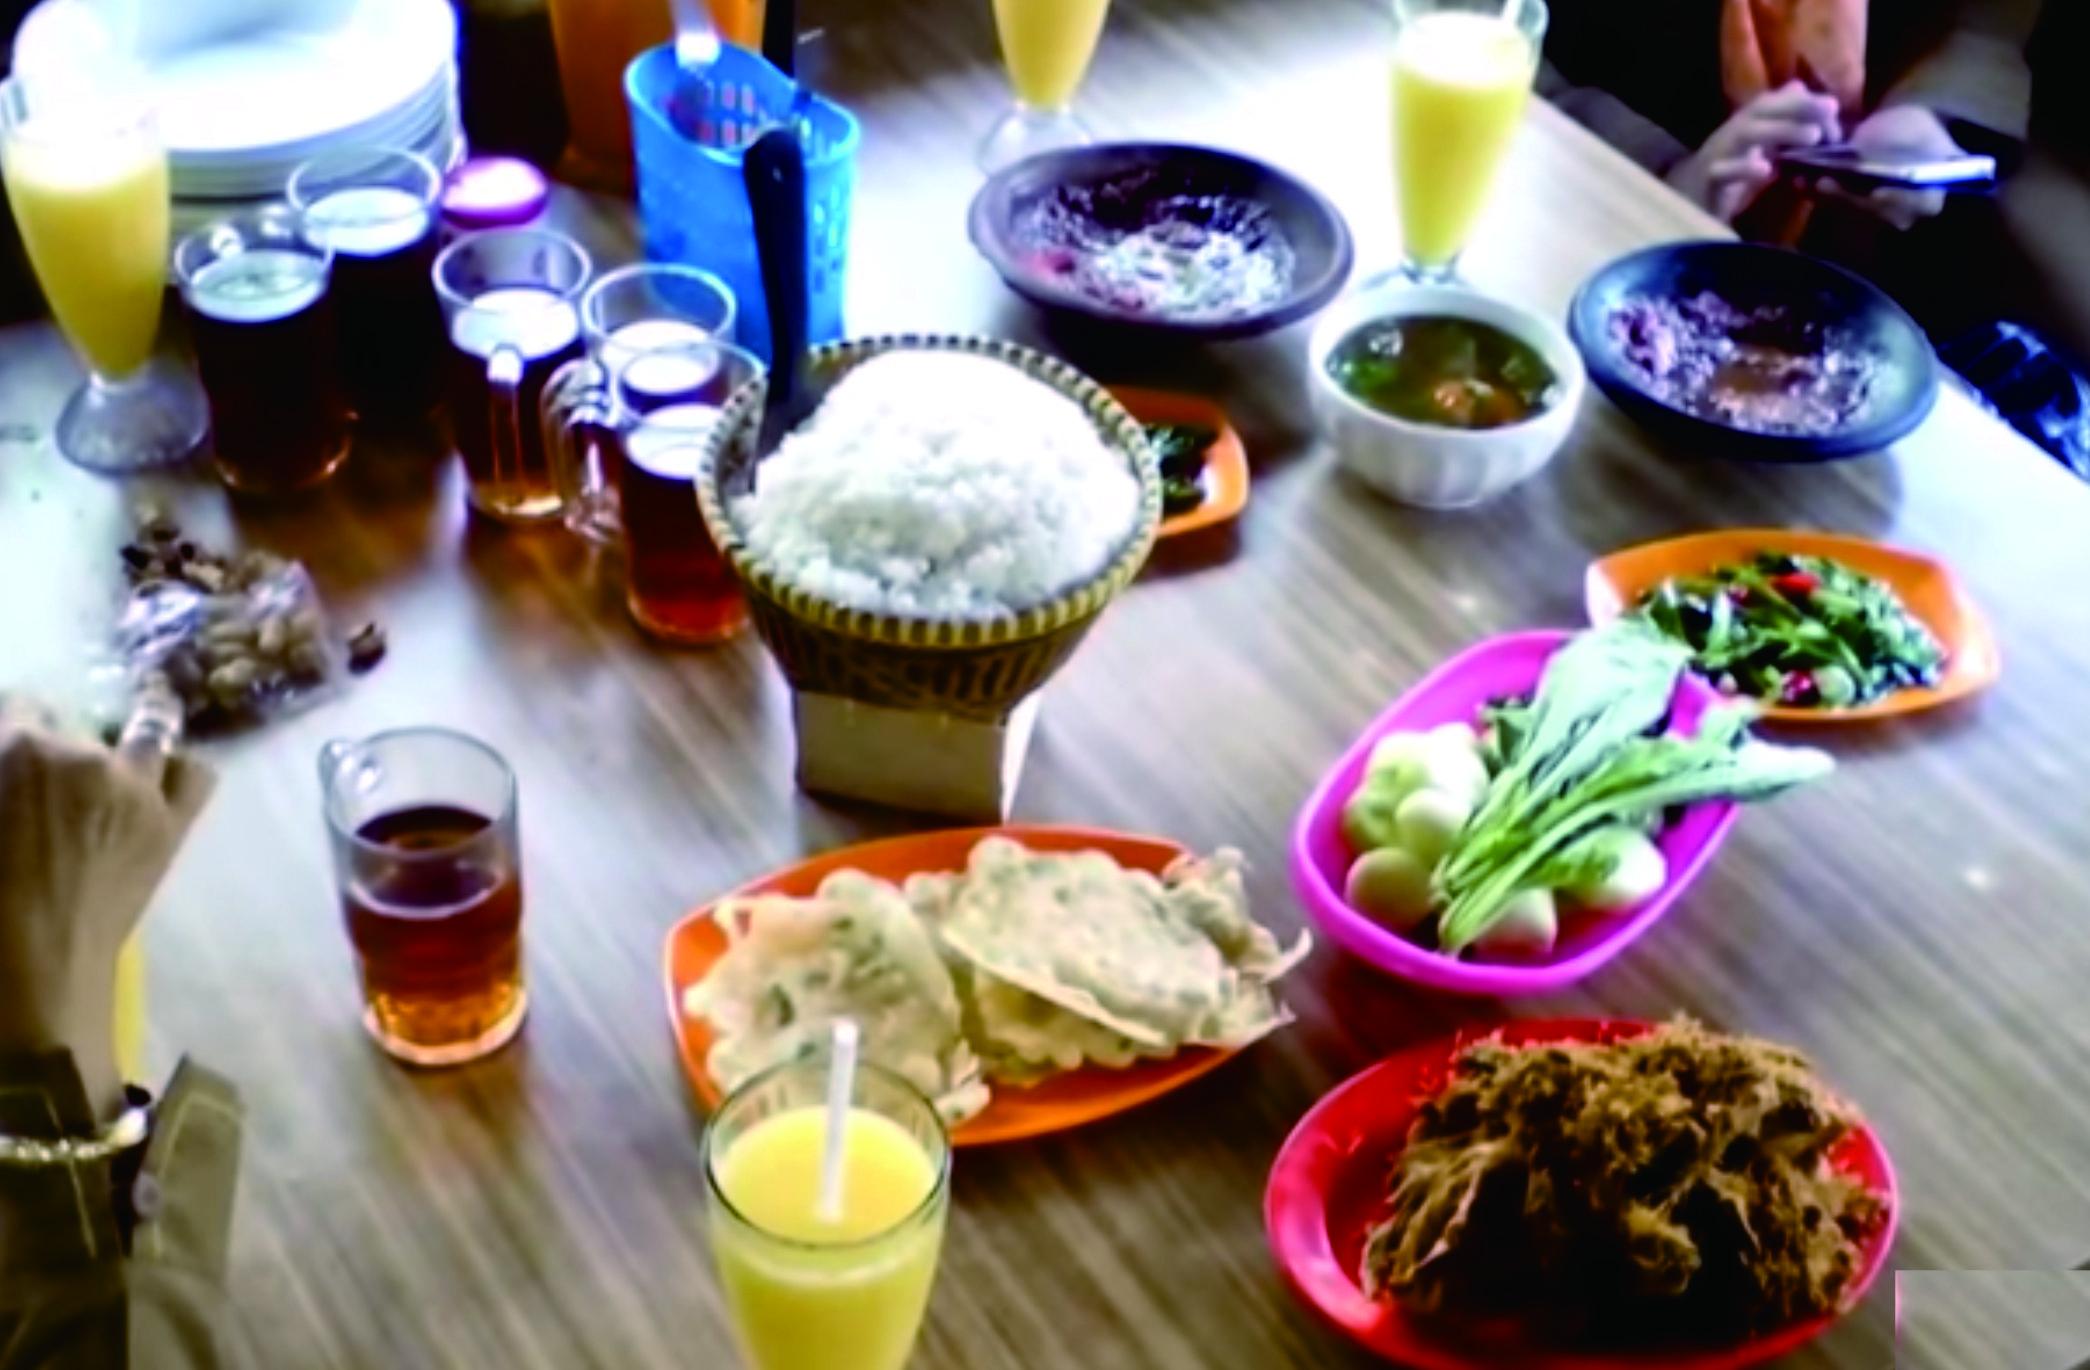 Makan Enak dan Istirahat Sampai Puas di Rumah Makan Mergosari